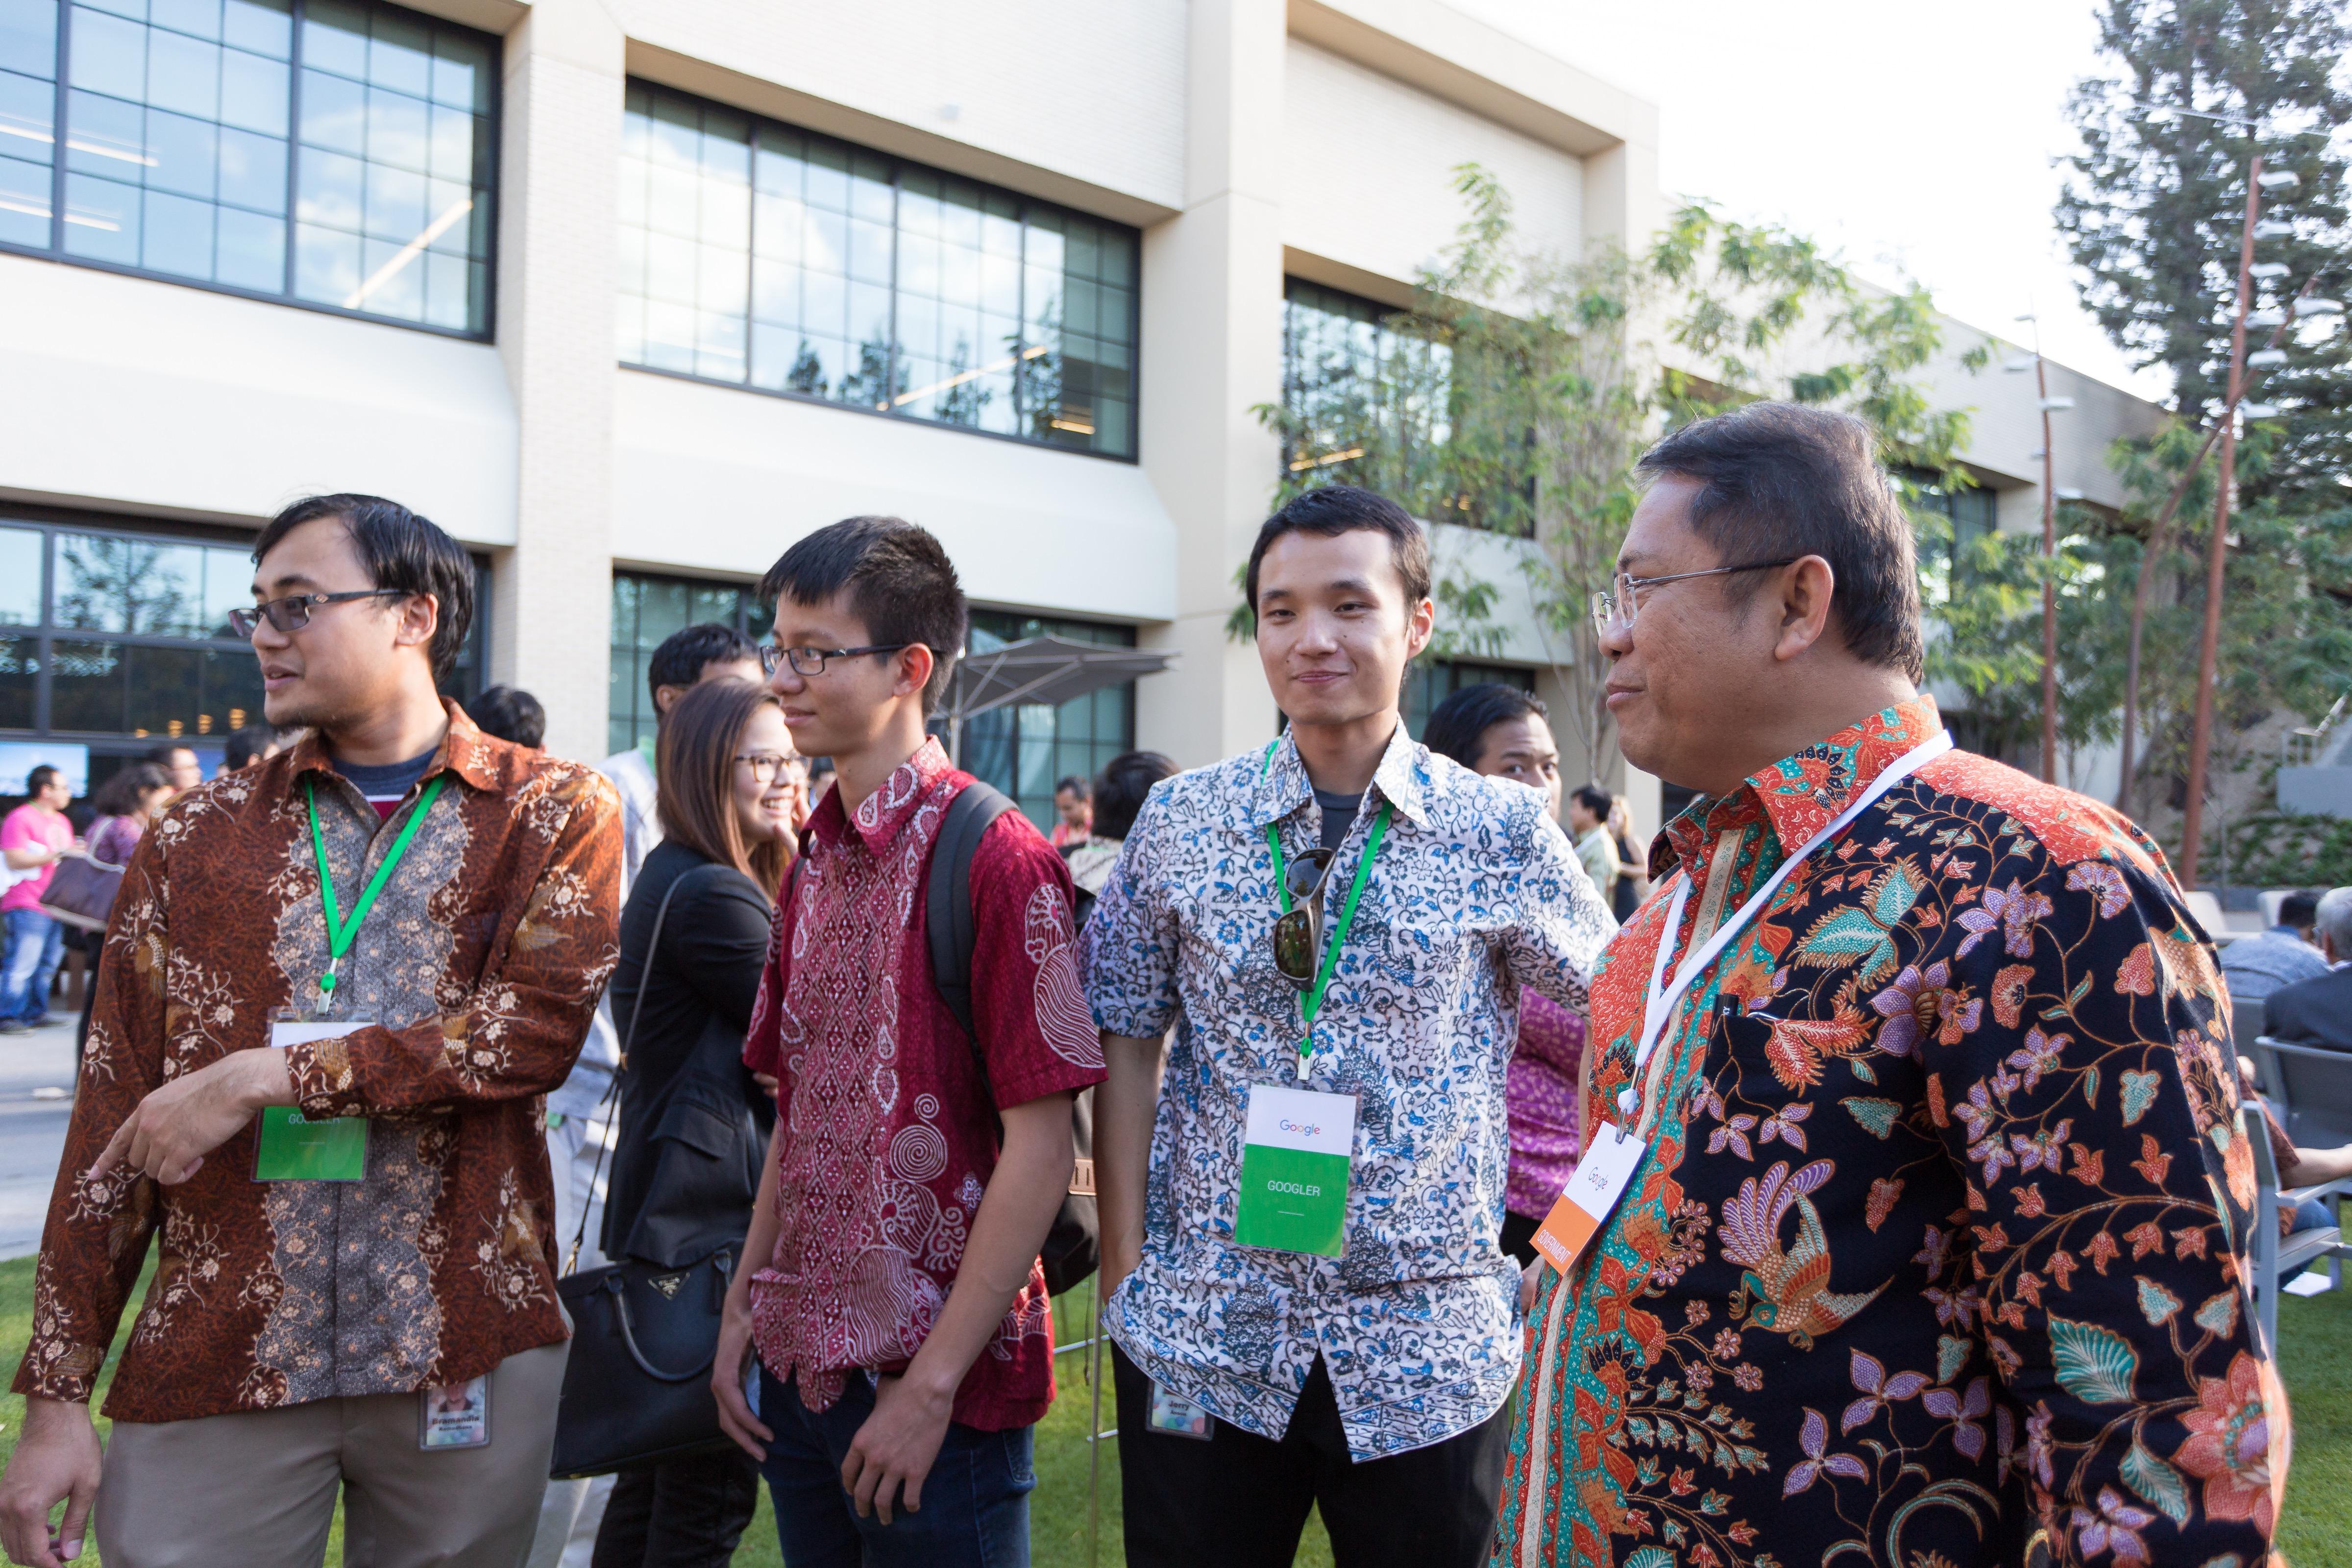 Indo delegation visit to SV - 74 of 115